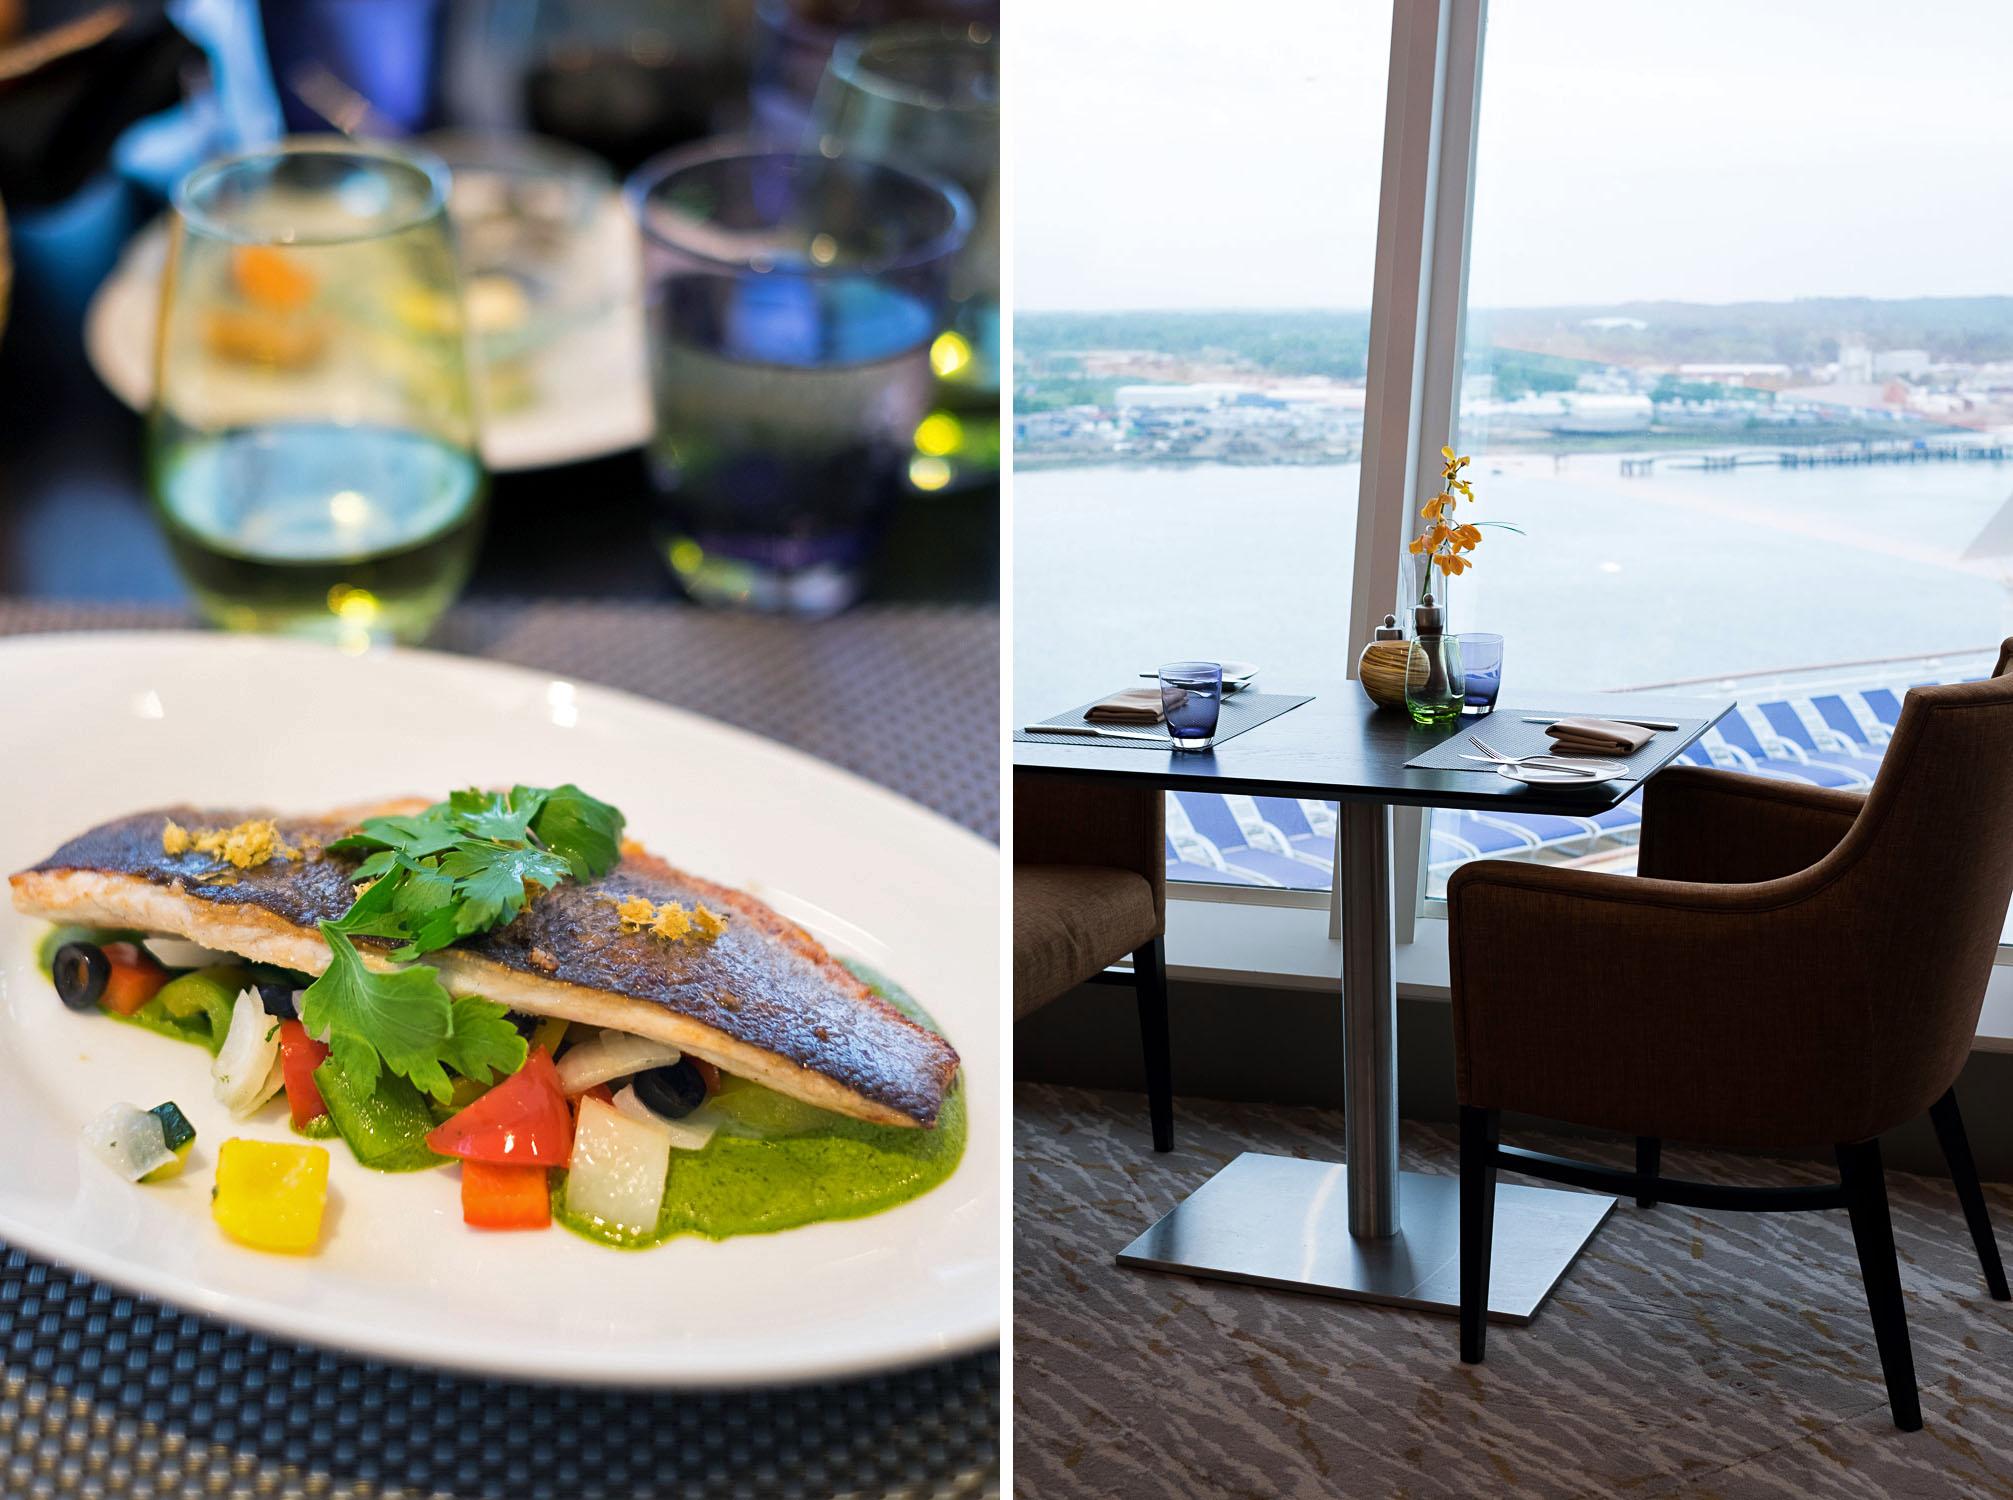 Royal Caribbean Harmony of the Seas - Restaurants - The Coastal Kitchen